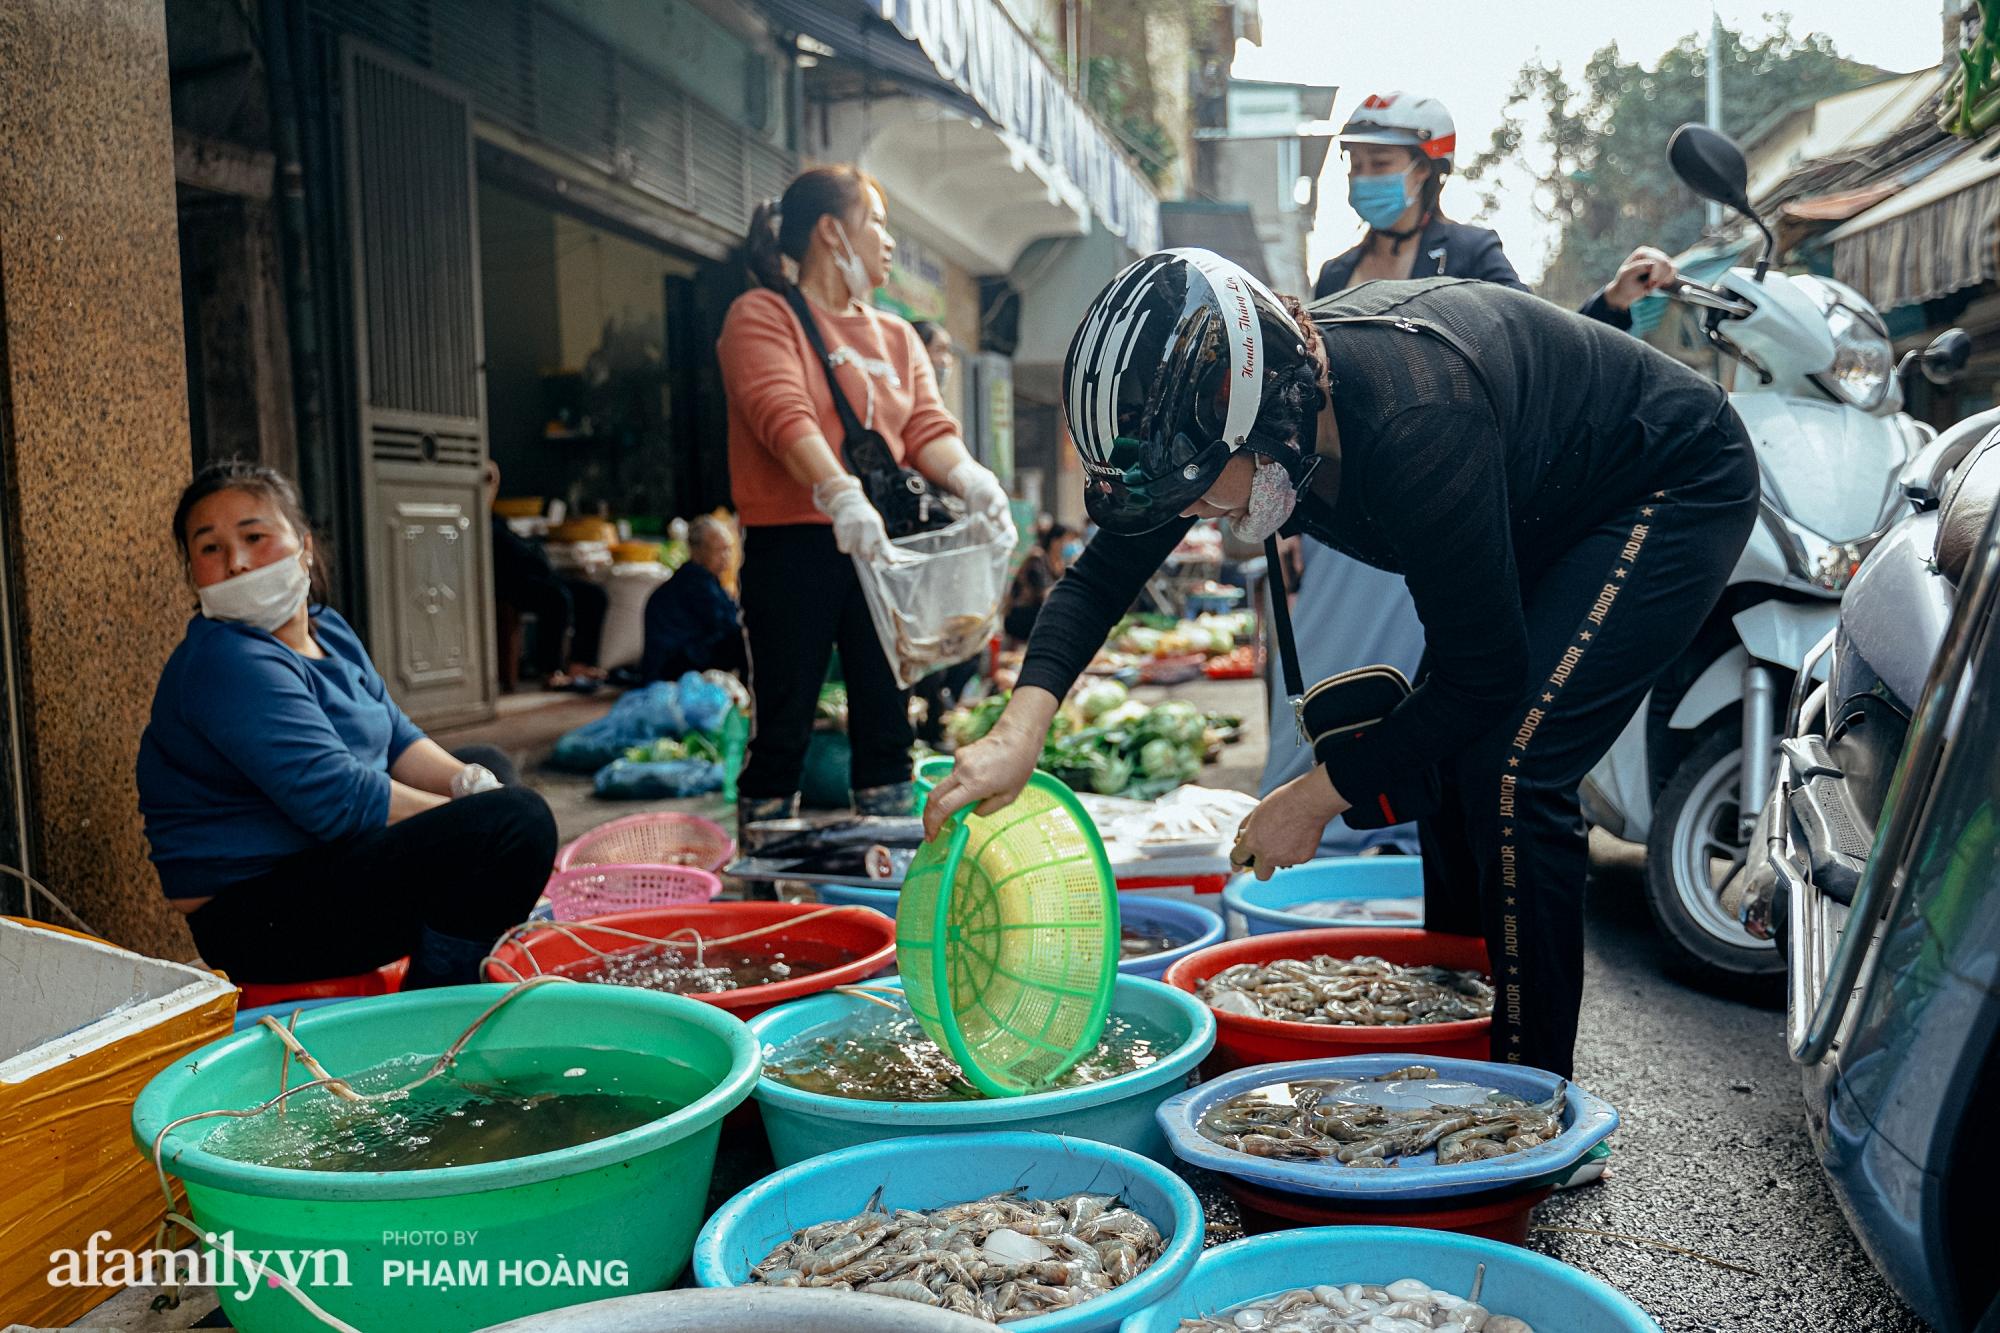 Ngày cuối năm bình yên trong ngõ chợ Thanh Hà - ngôi chợ lâu đời nhất phố cổ được giới nhà giàu chuộng mua vì toàn đồ chất lượng tươi ngon - Ảnh 14.